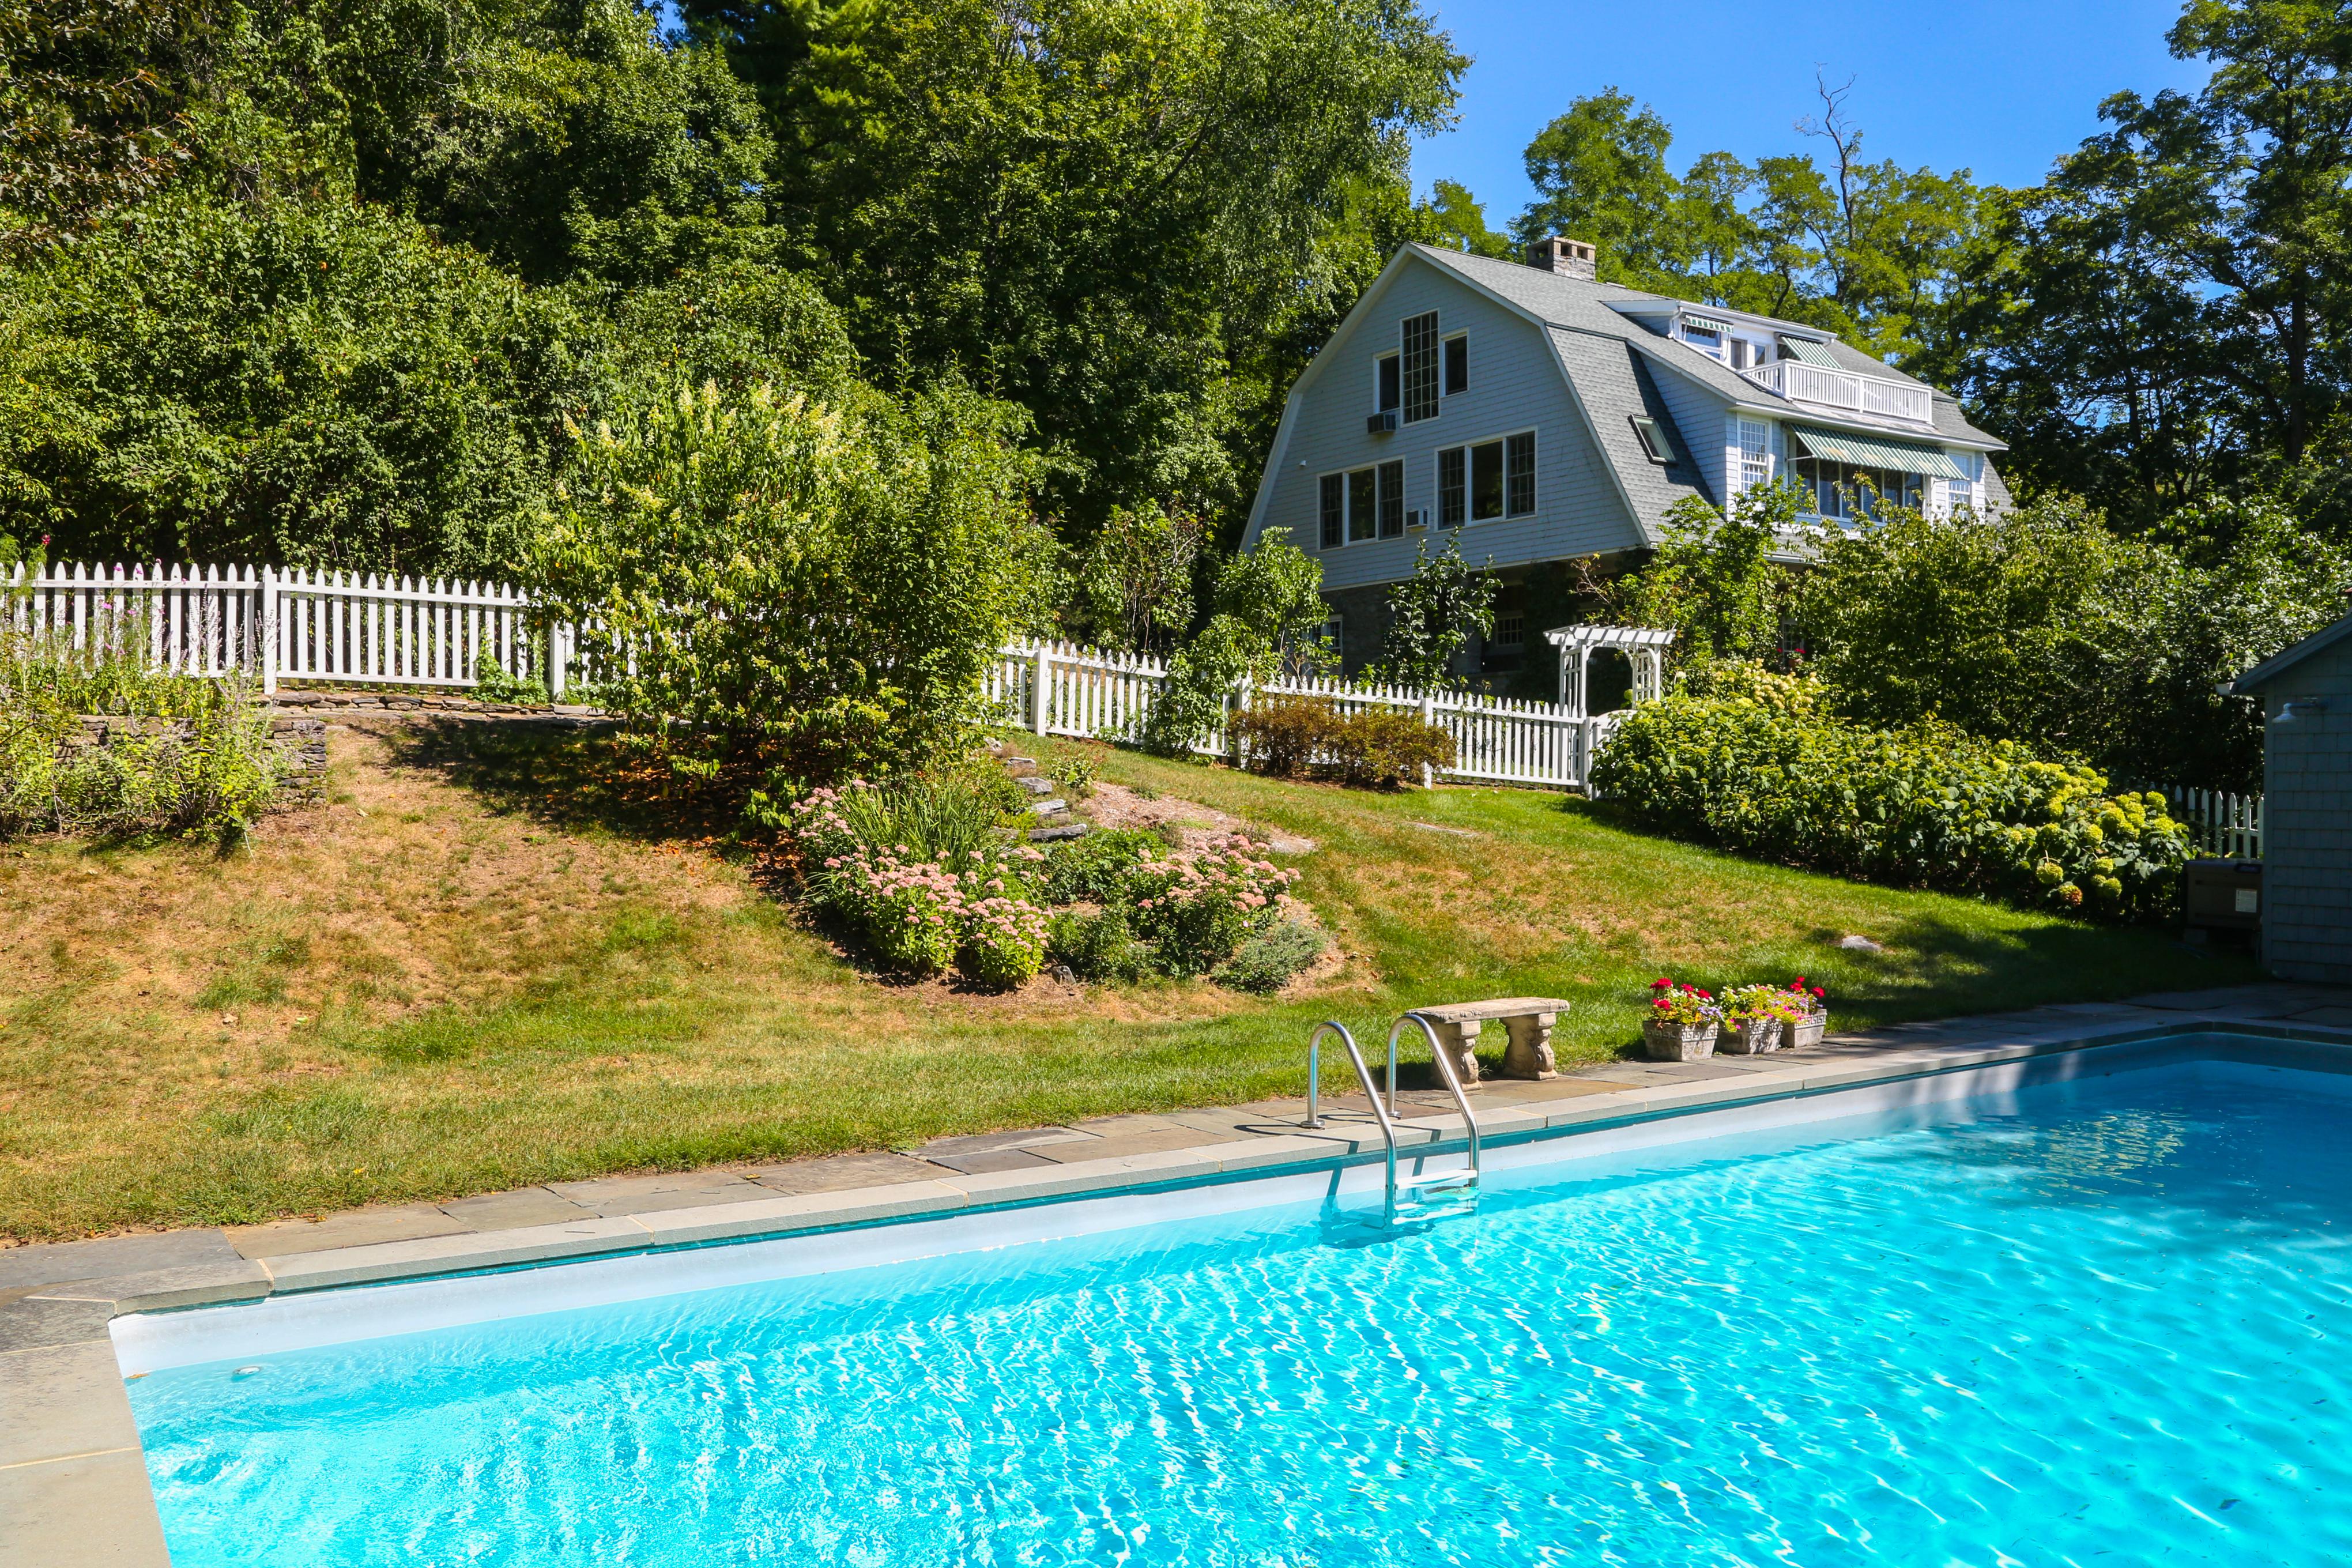 独户住宅 为 销售 在 Twin Lakes Treasure 285 Twin Lakes Rd 索尔茨伯里市, 康涅狄格州, 06068 美国